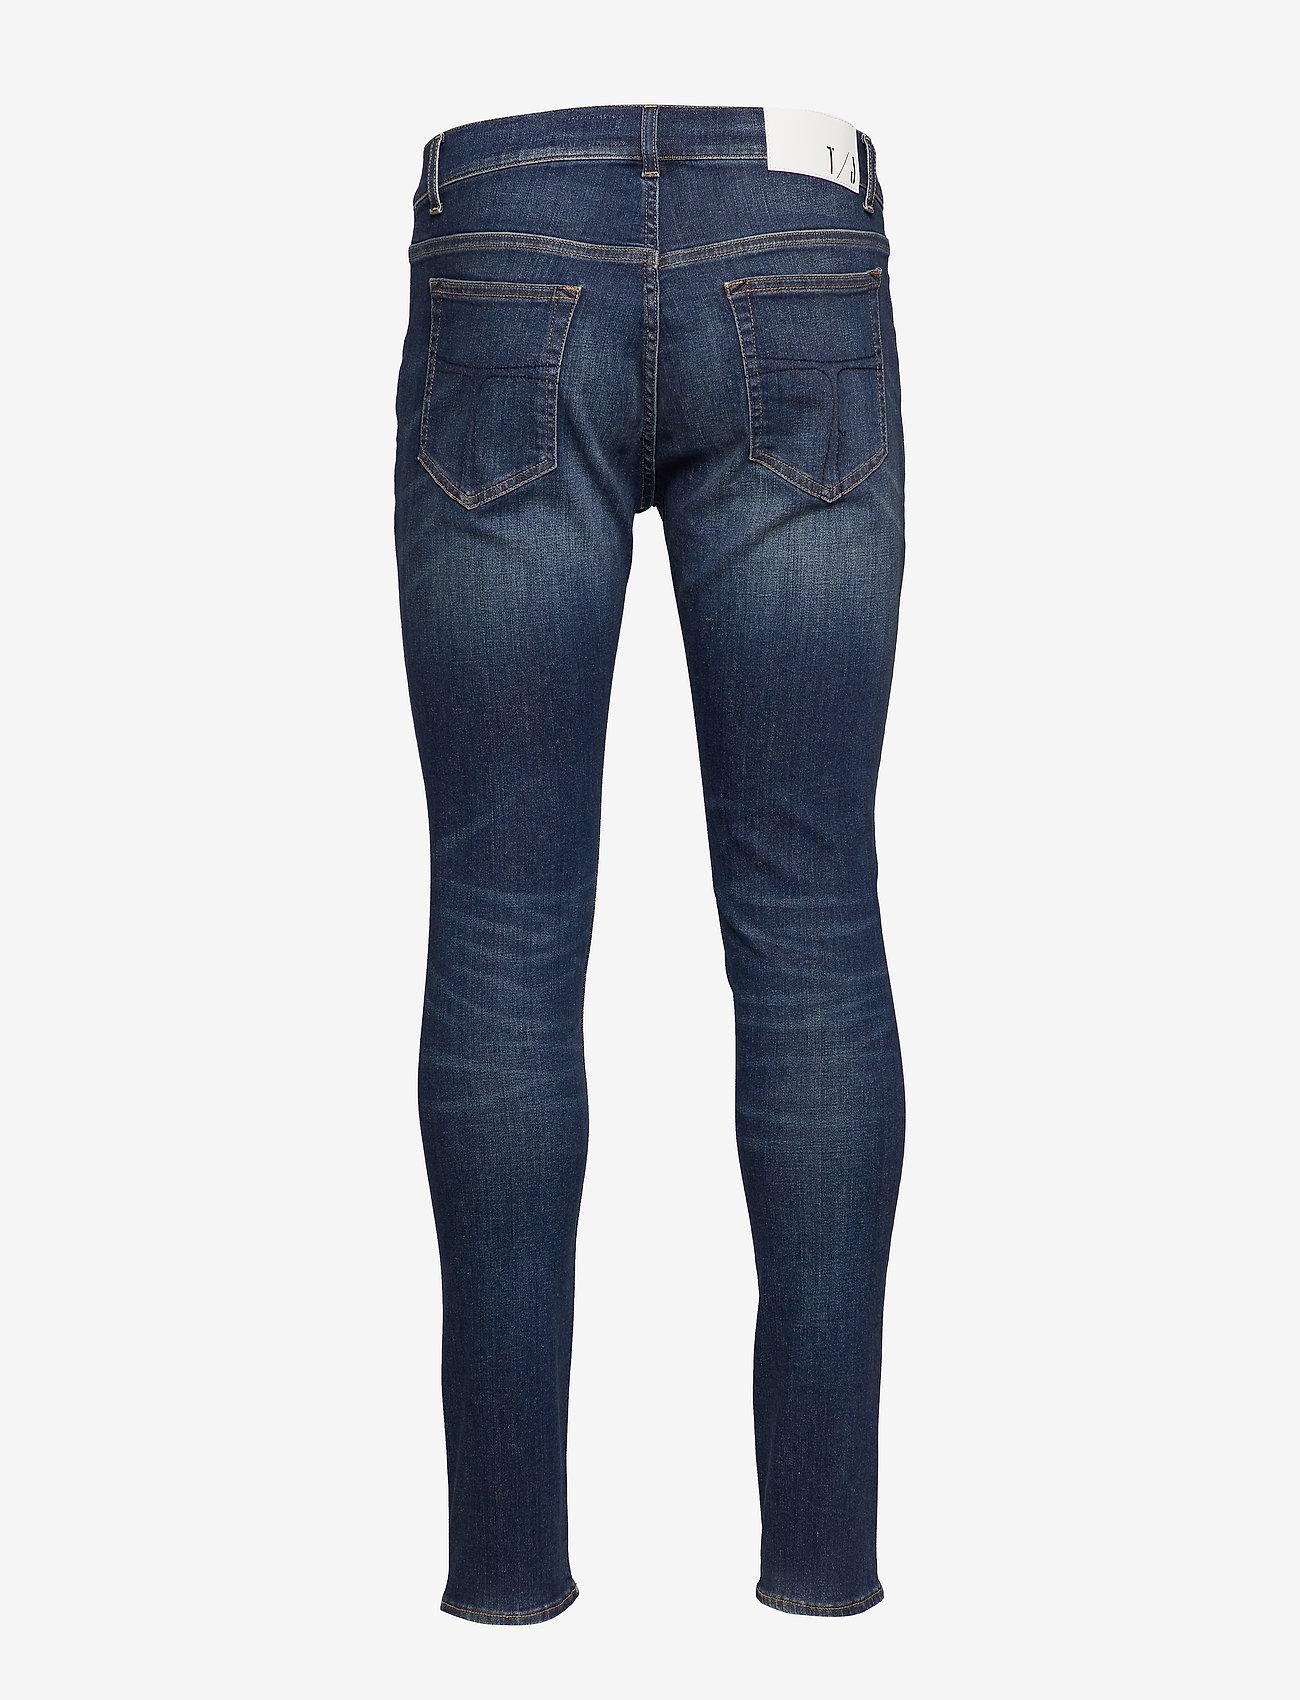 Tiger of Sweden Jeans - SLIM - skinny jeans - royal blue - 1